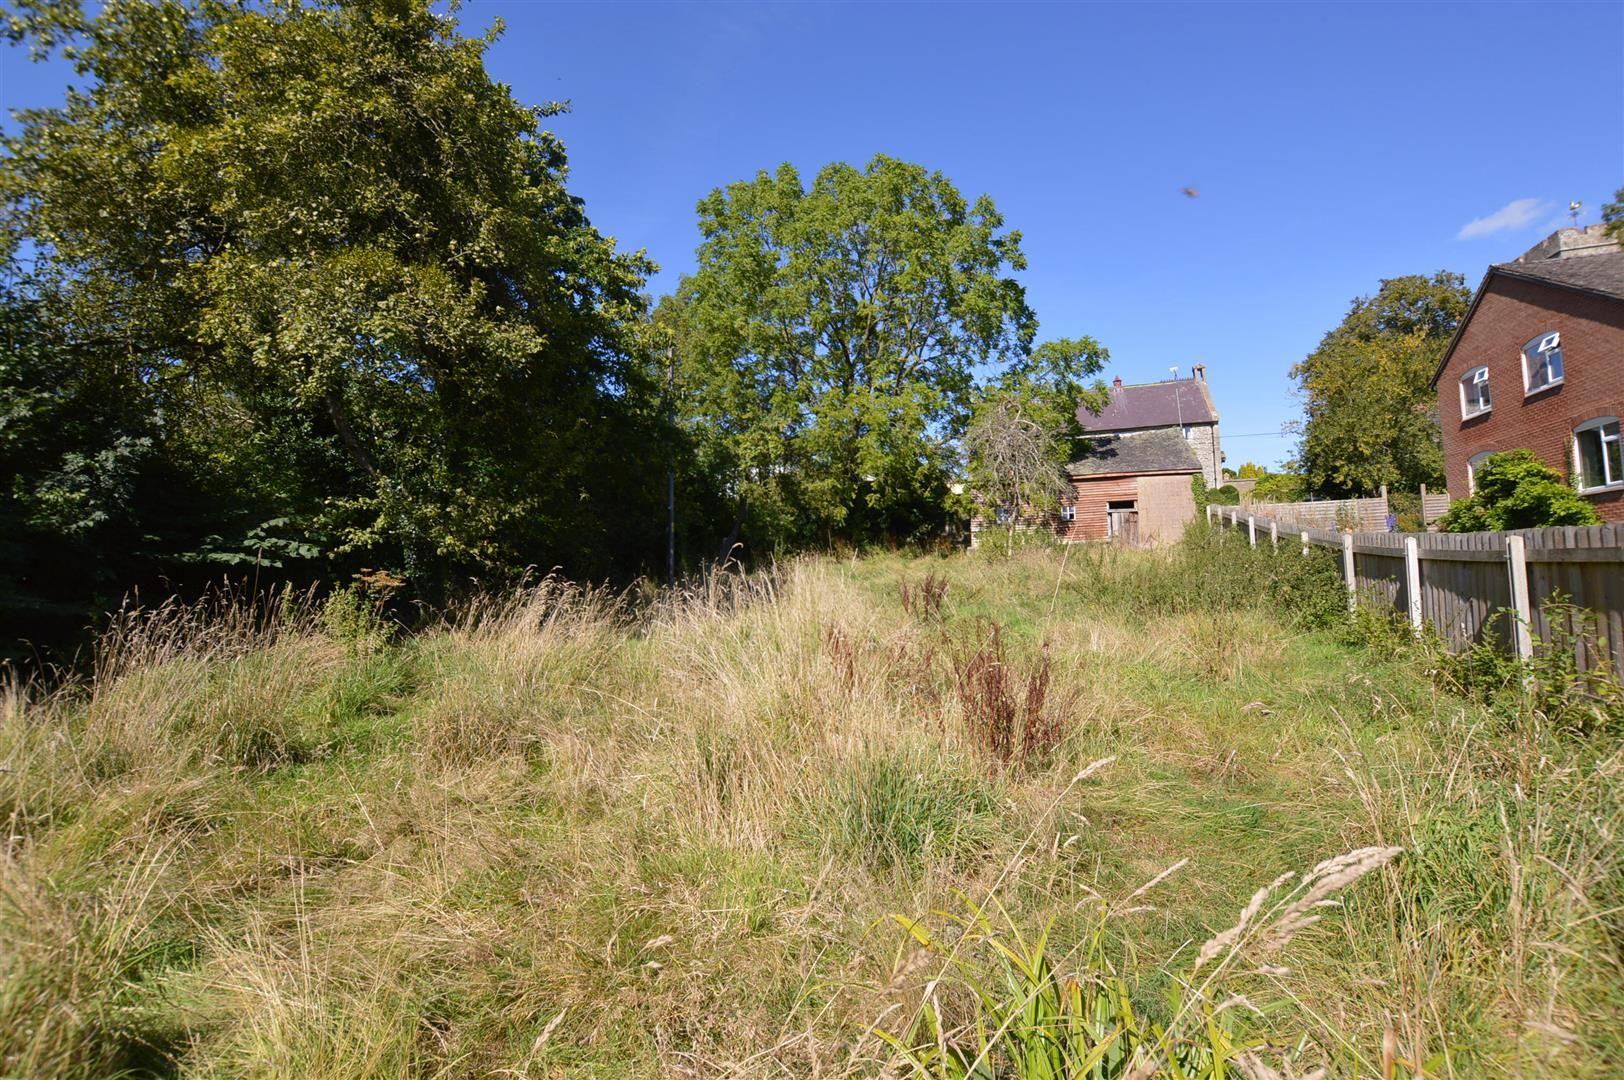 Plot for sale in Wigmore, HR6